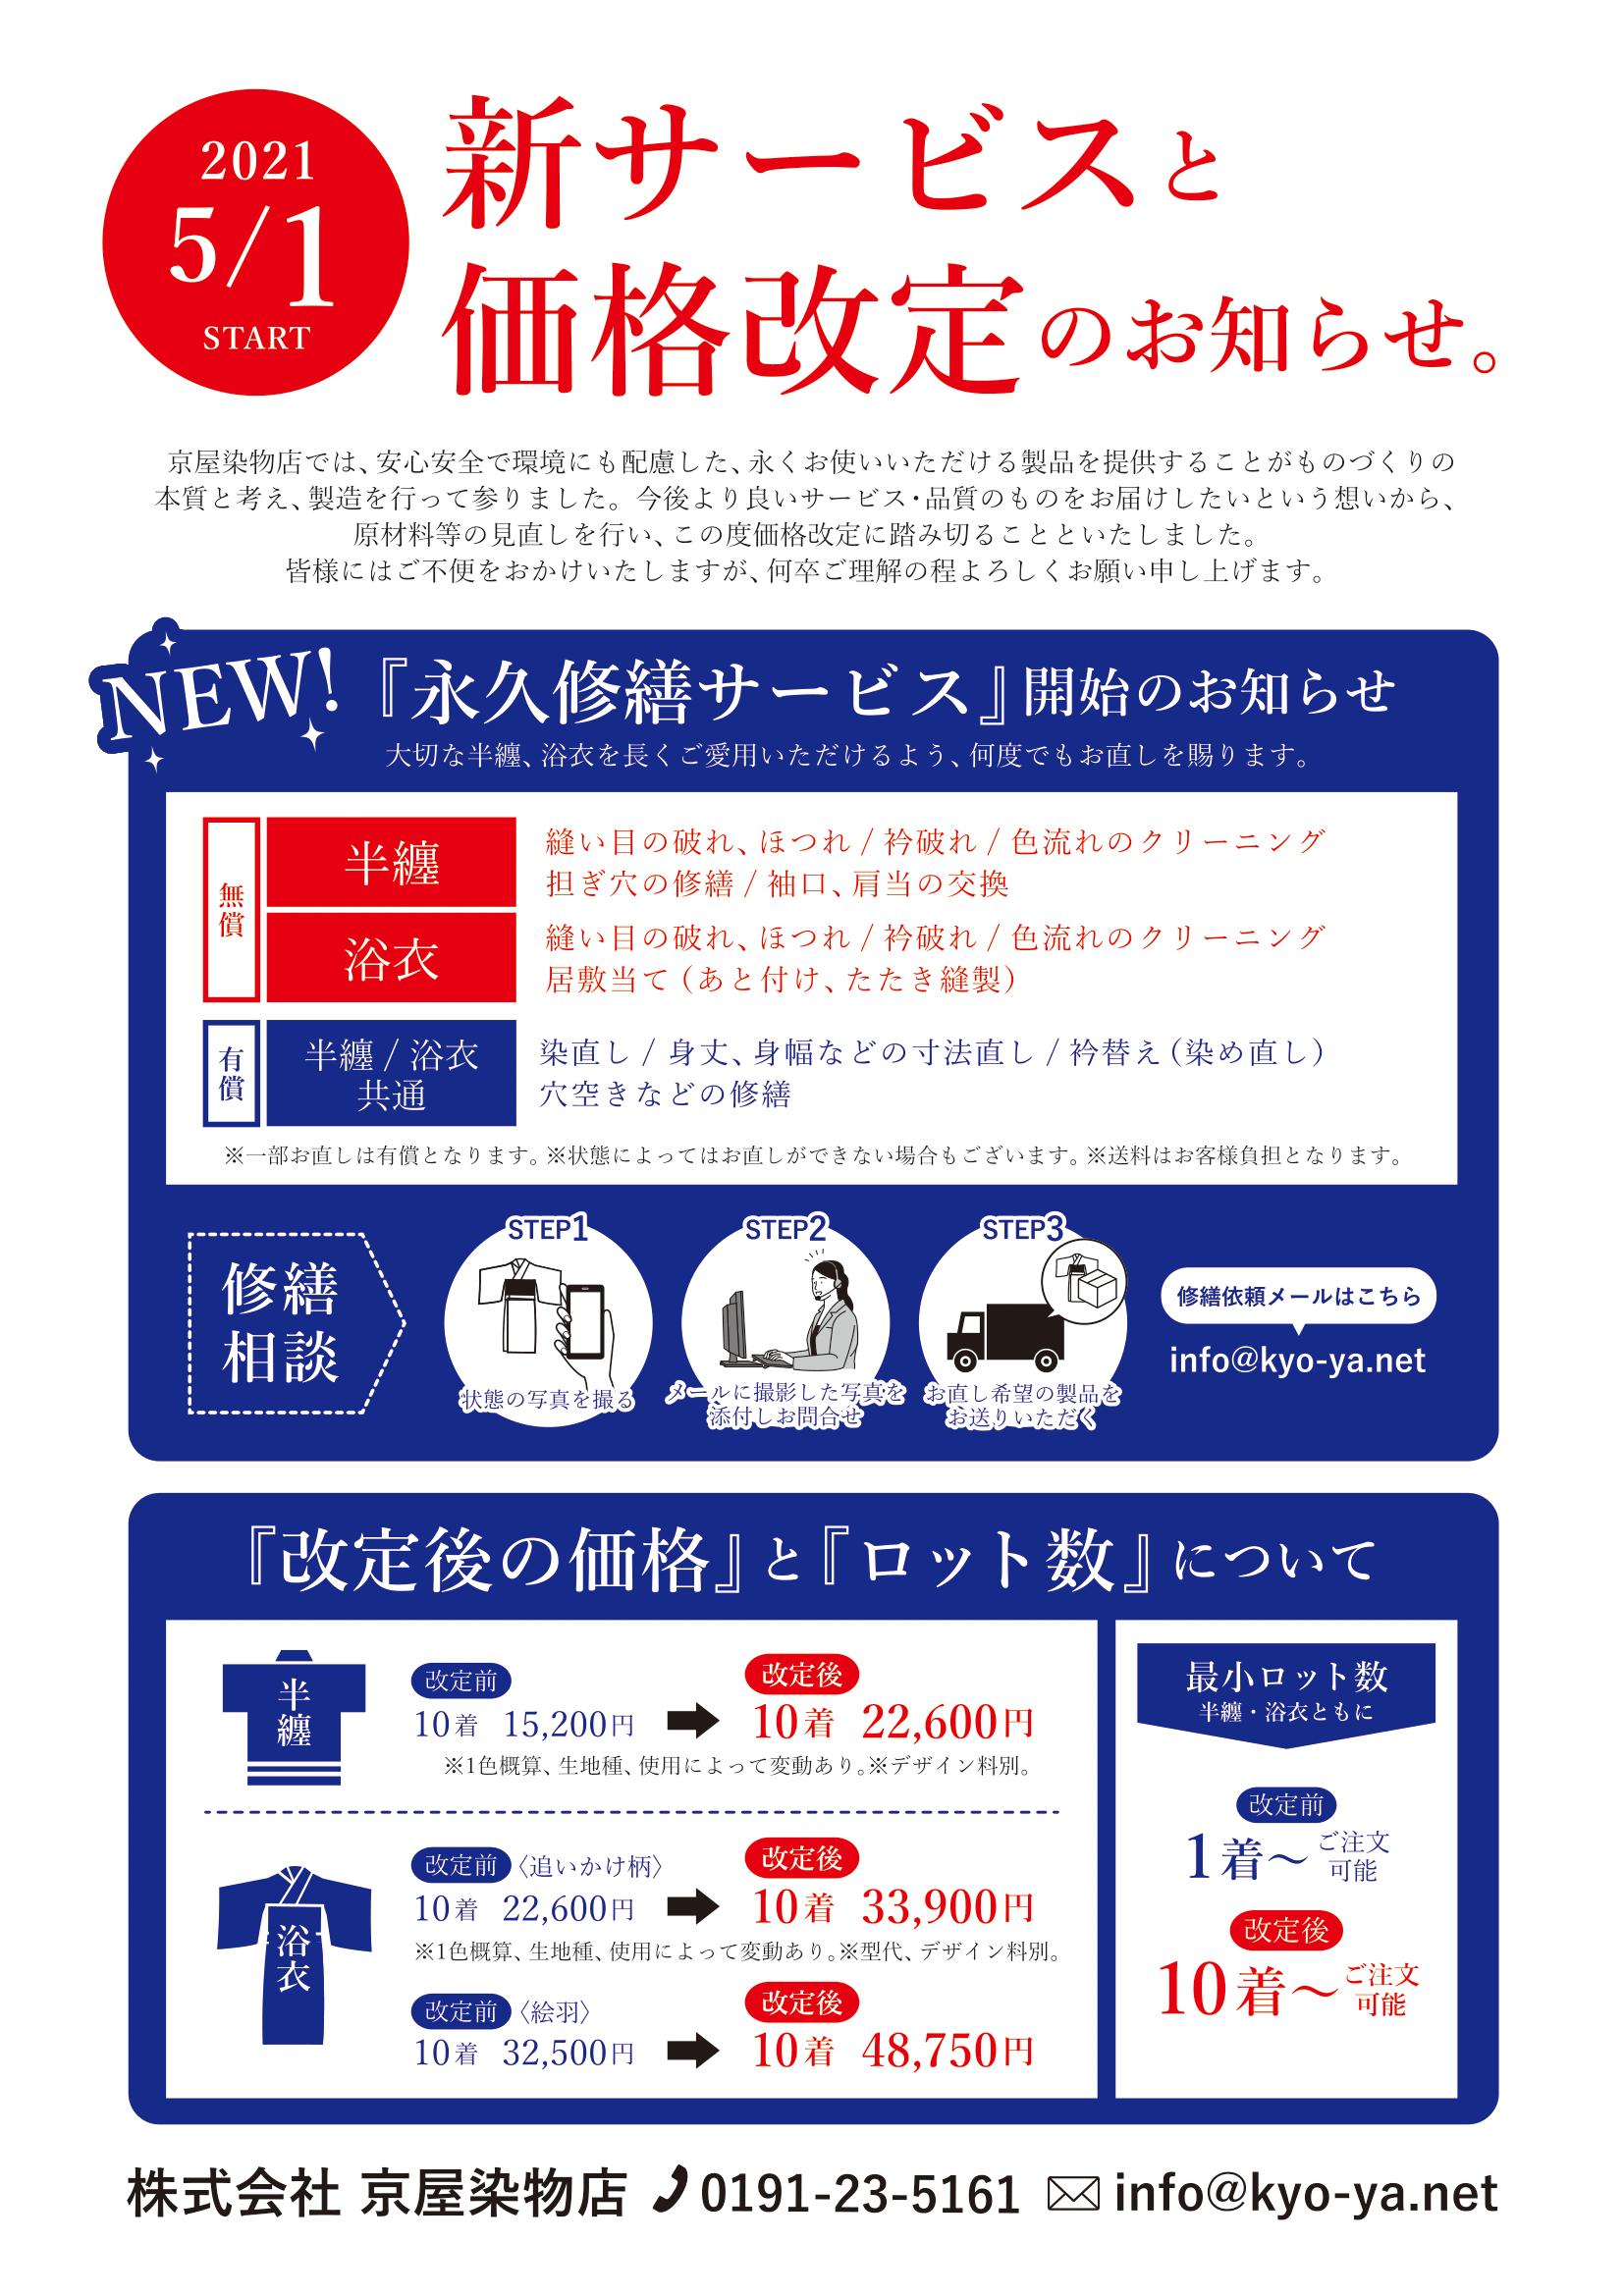 価格改定 お知らせ オリジナル オーダーメイド半纏 浴衣 製作